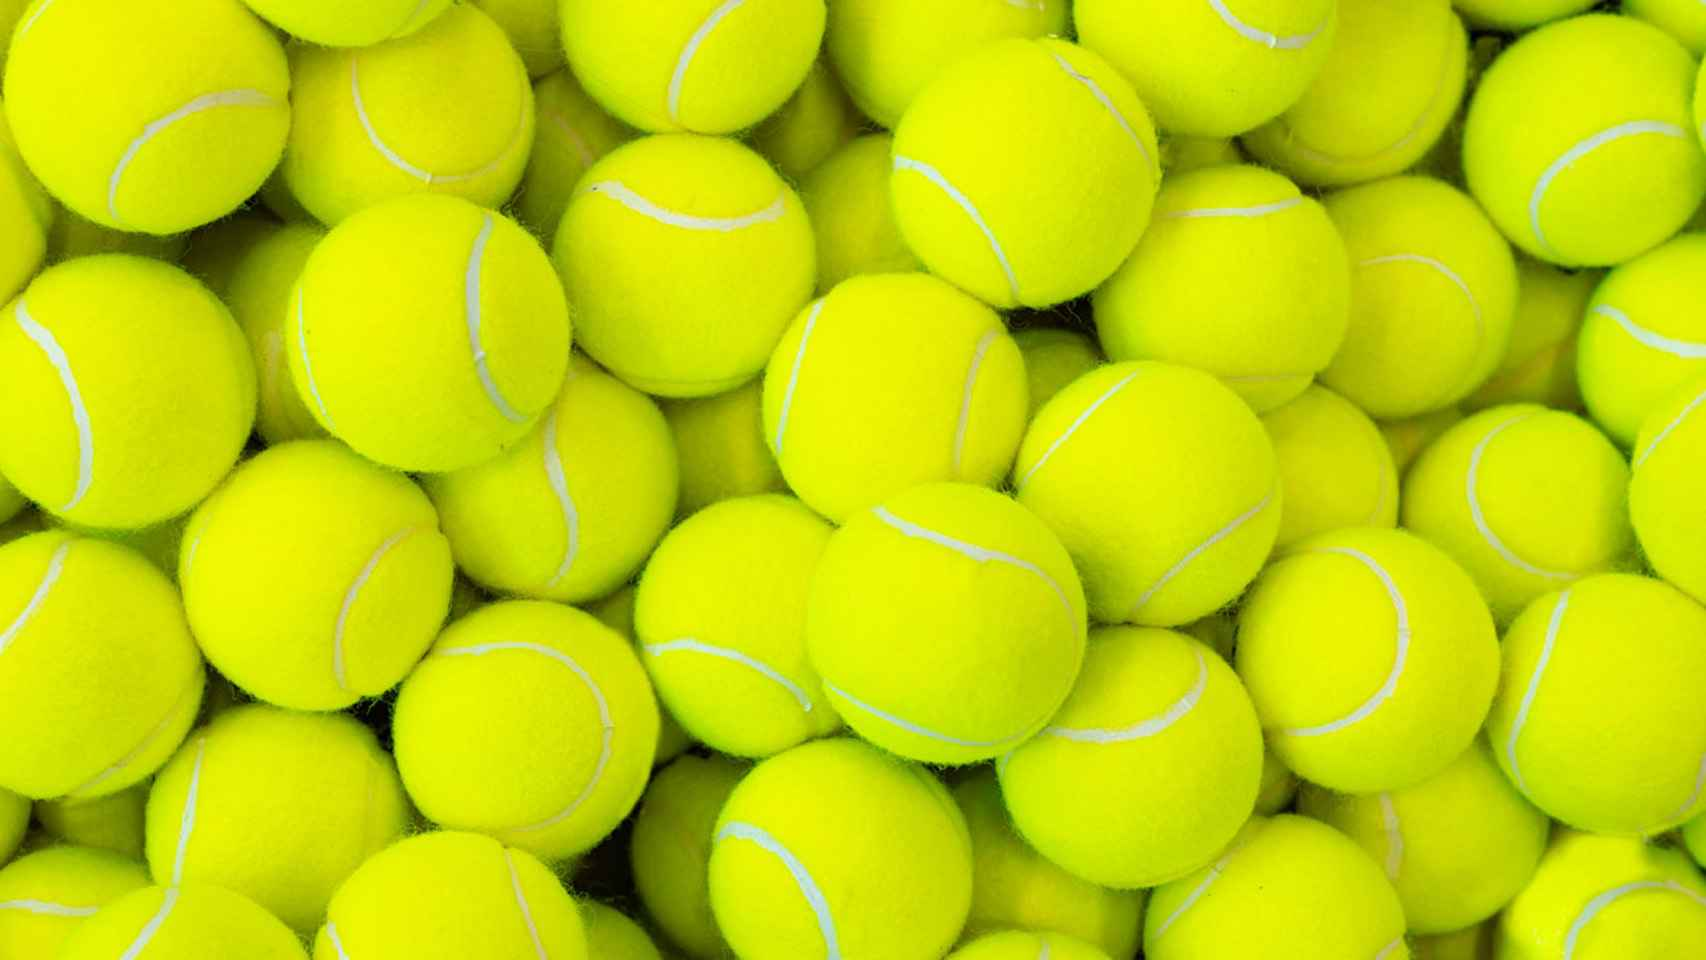 En Cataluña se consumen tres millones de pelotas de tenis y pádel al año. Esto se traduce en 200 toneladas de residuo.